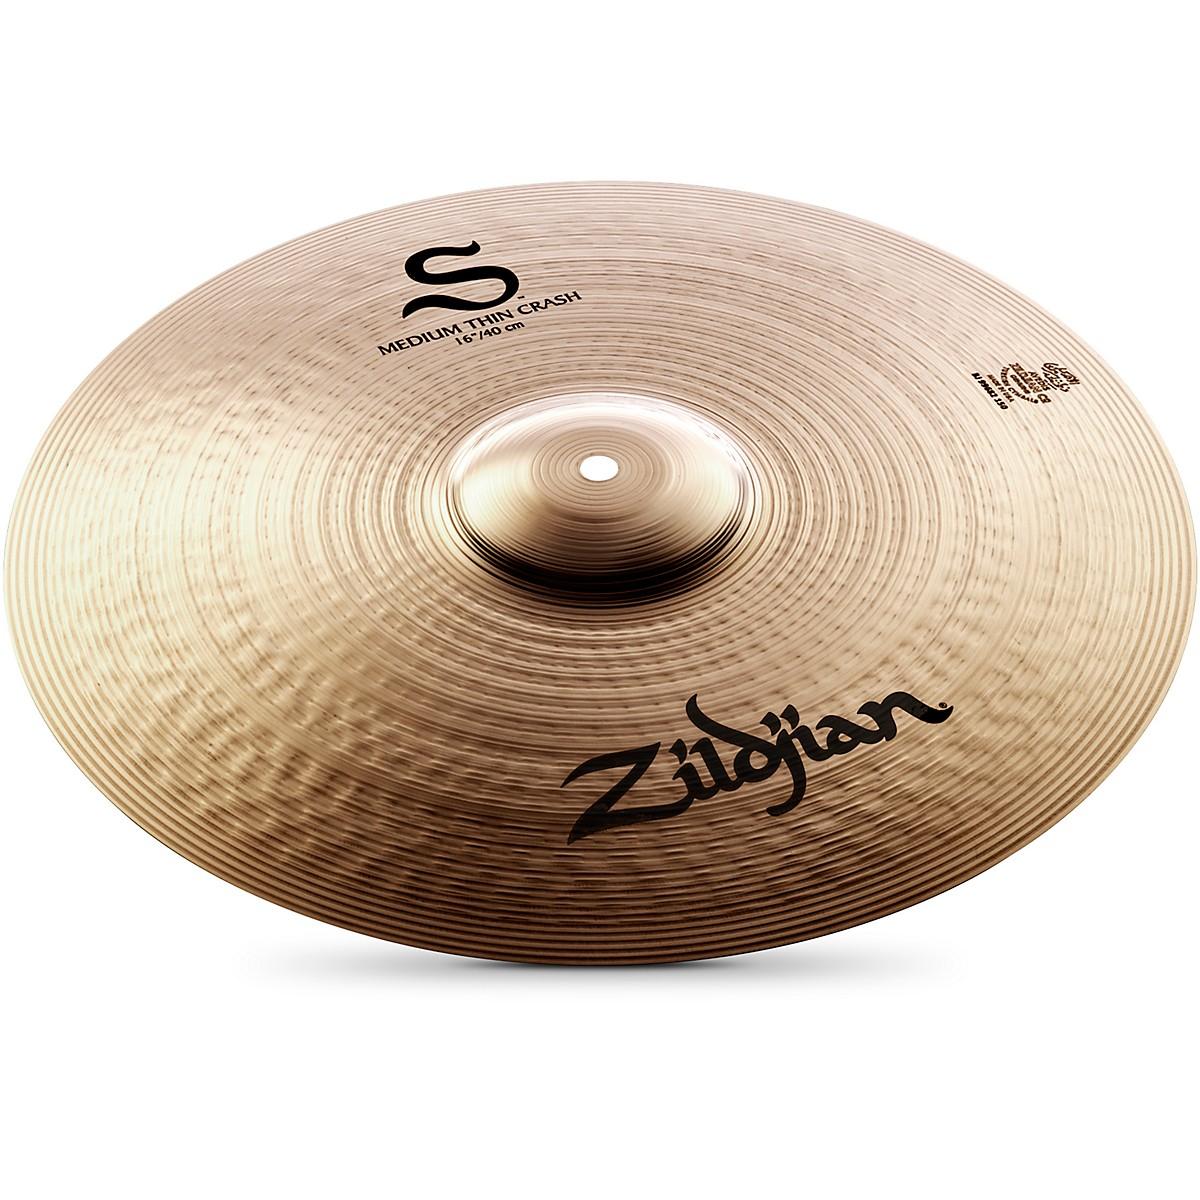 Zildjian S Family Medium Thin Crash